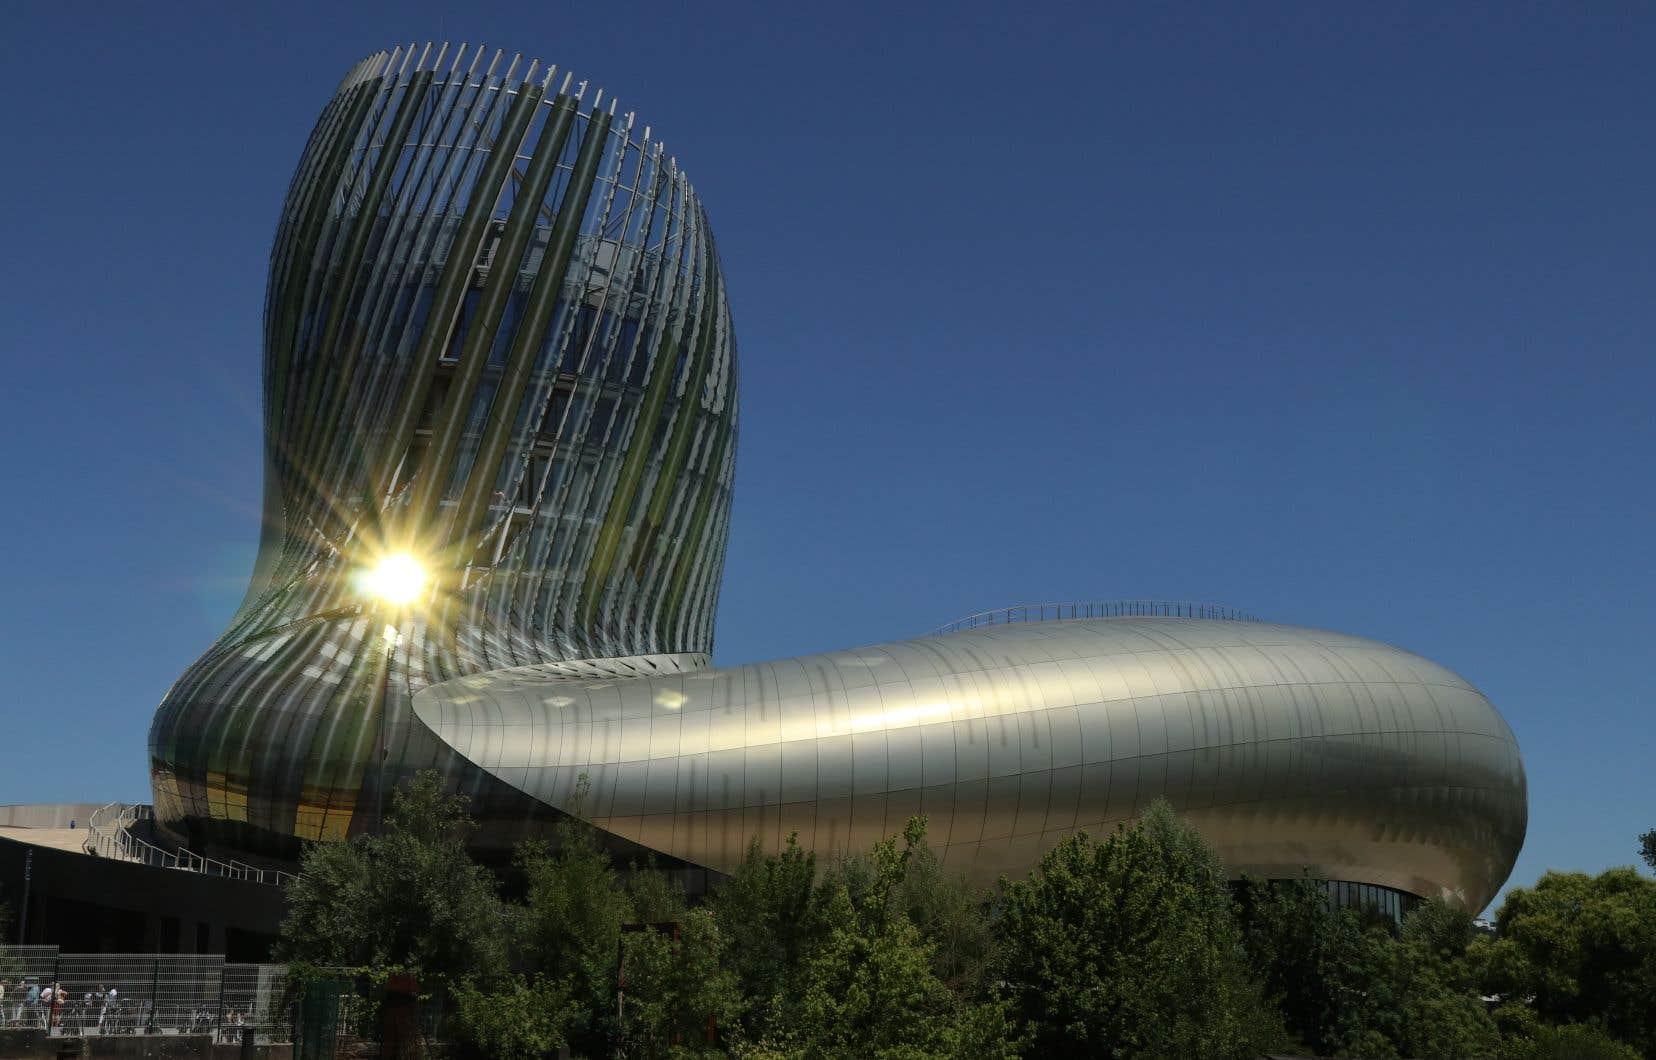 La Cité du vin. Inauguré il y a trois ans, ce splendide établissement muséal en forme de cep noueux est devenu le plus grand musée du monde consacré au vin.